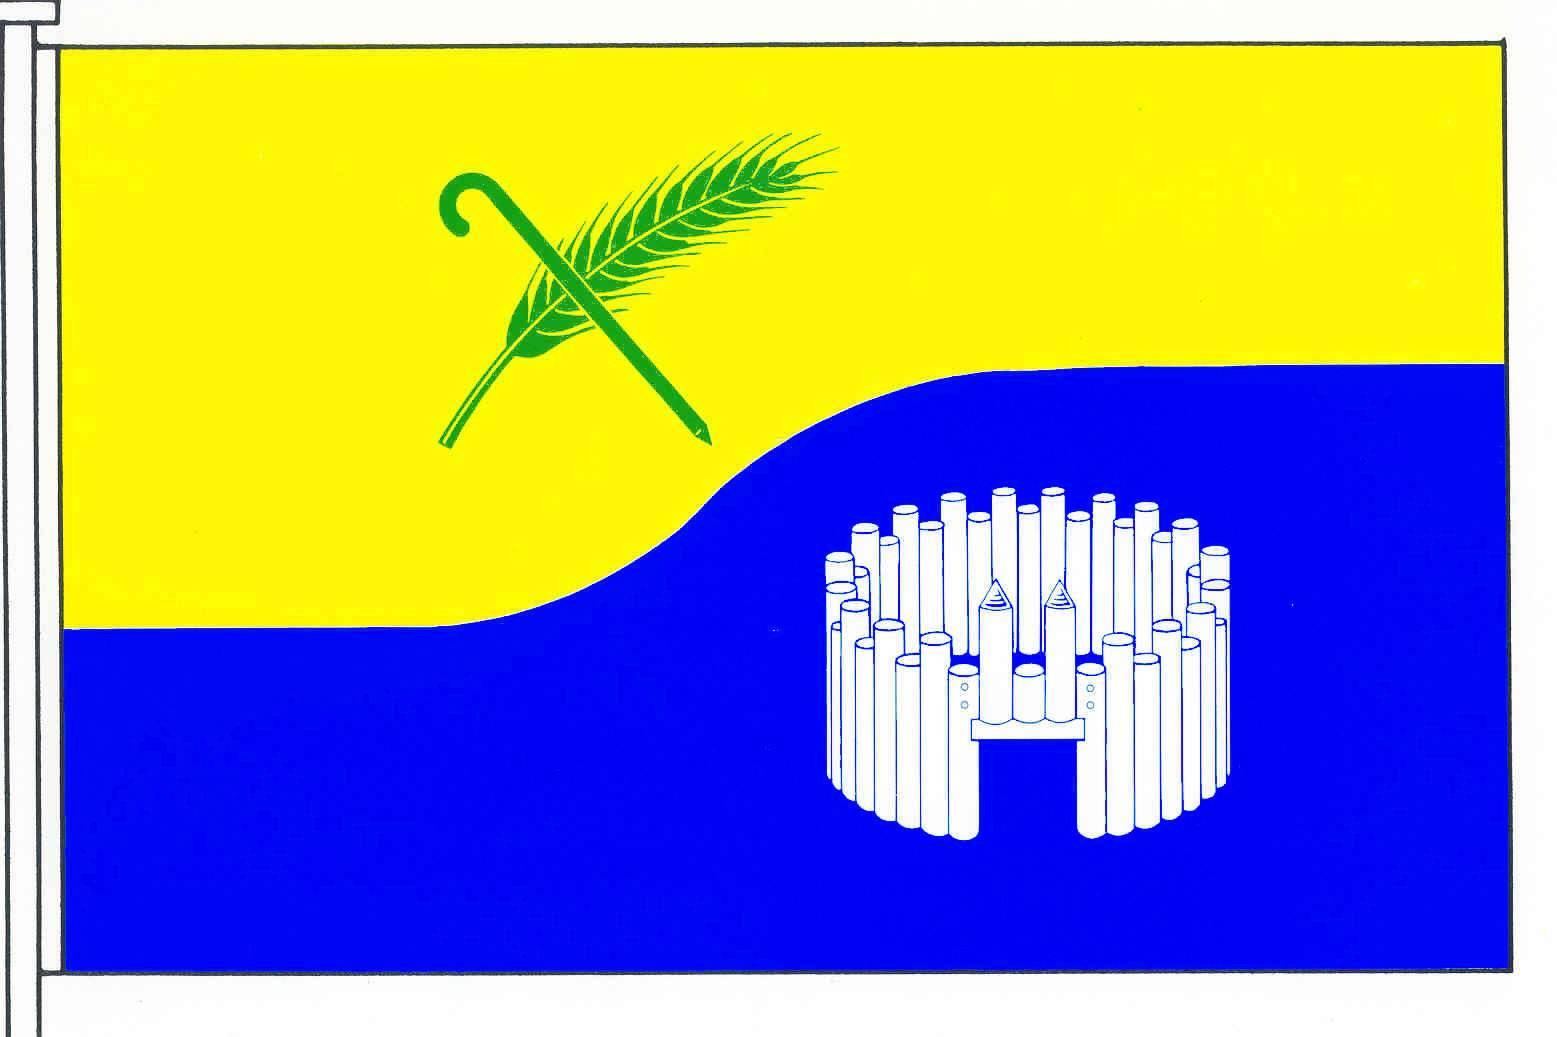 Flagge GemeindeKuden, Kreis Dithmarschen